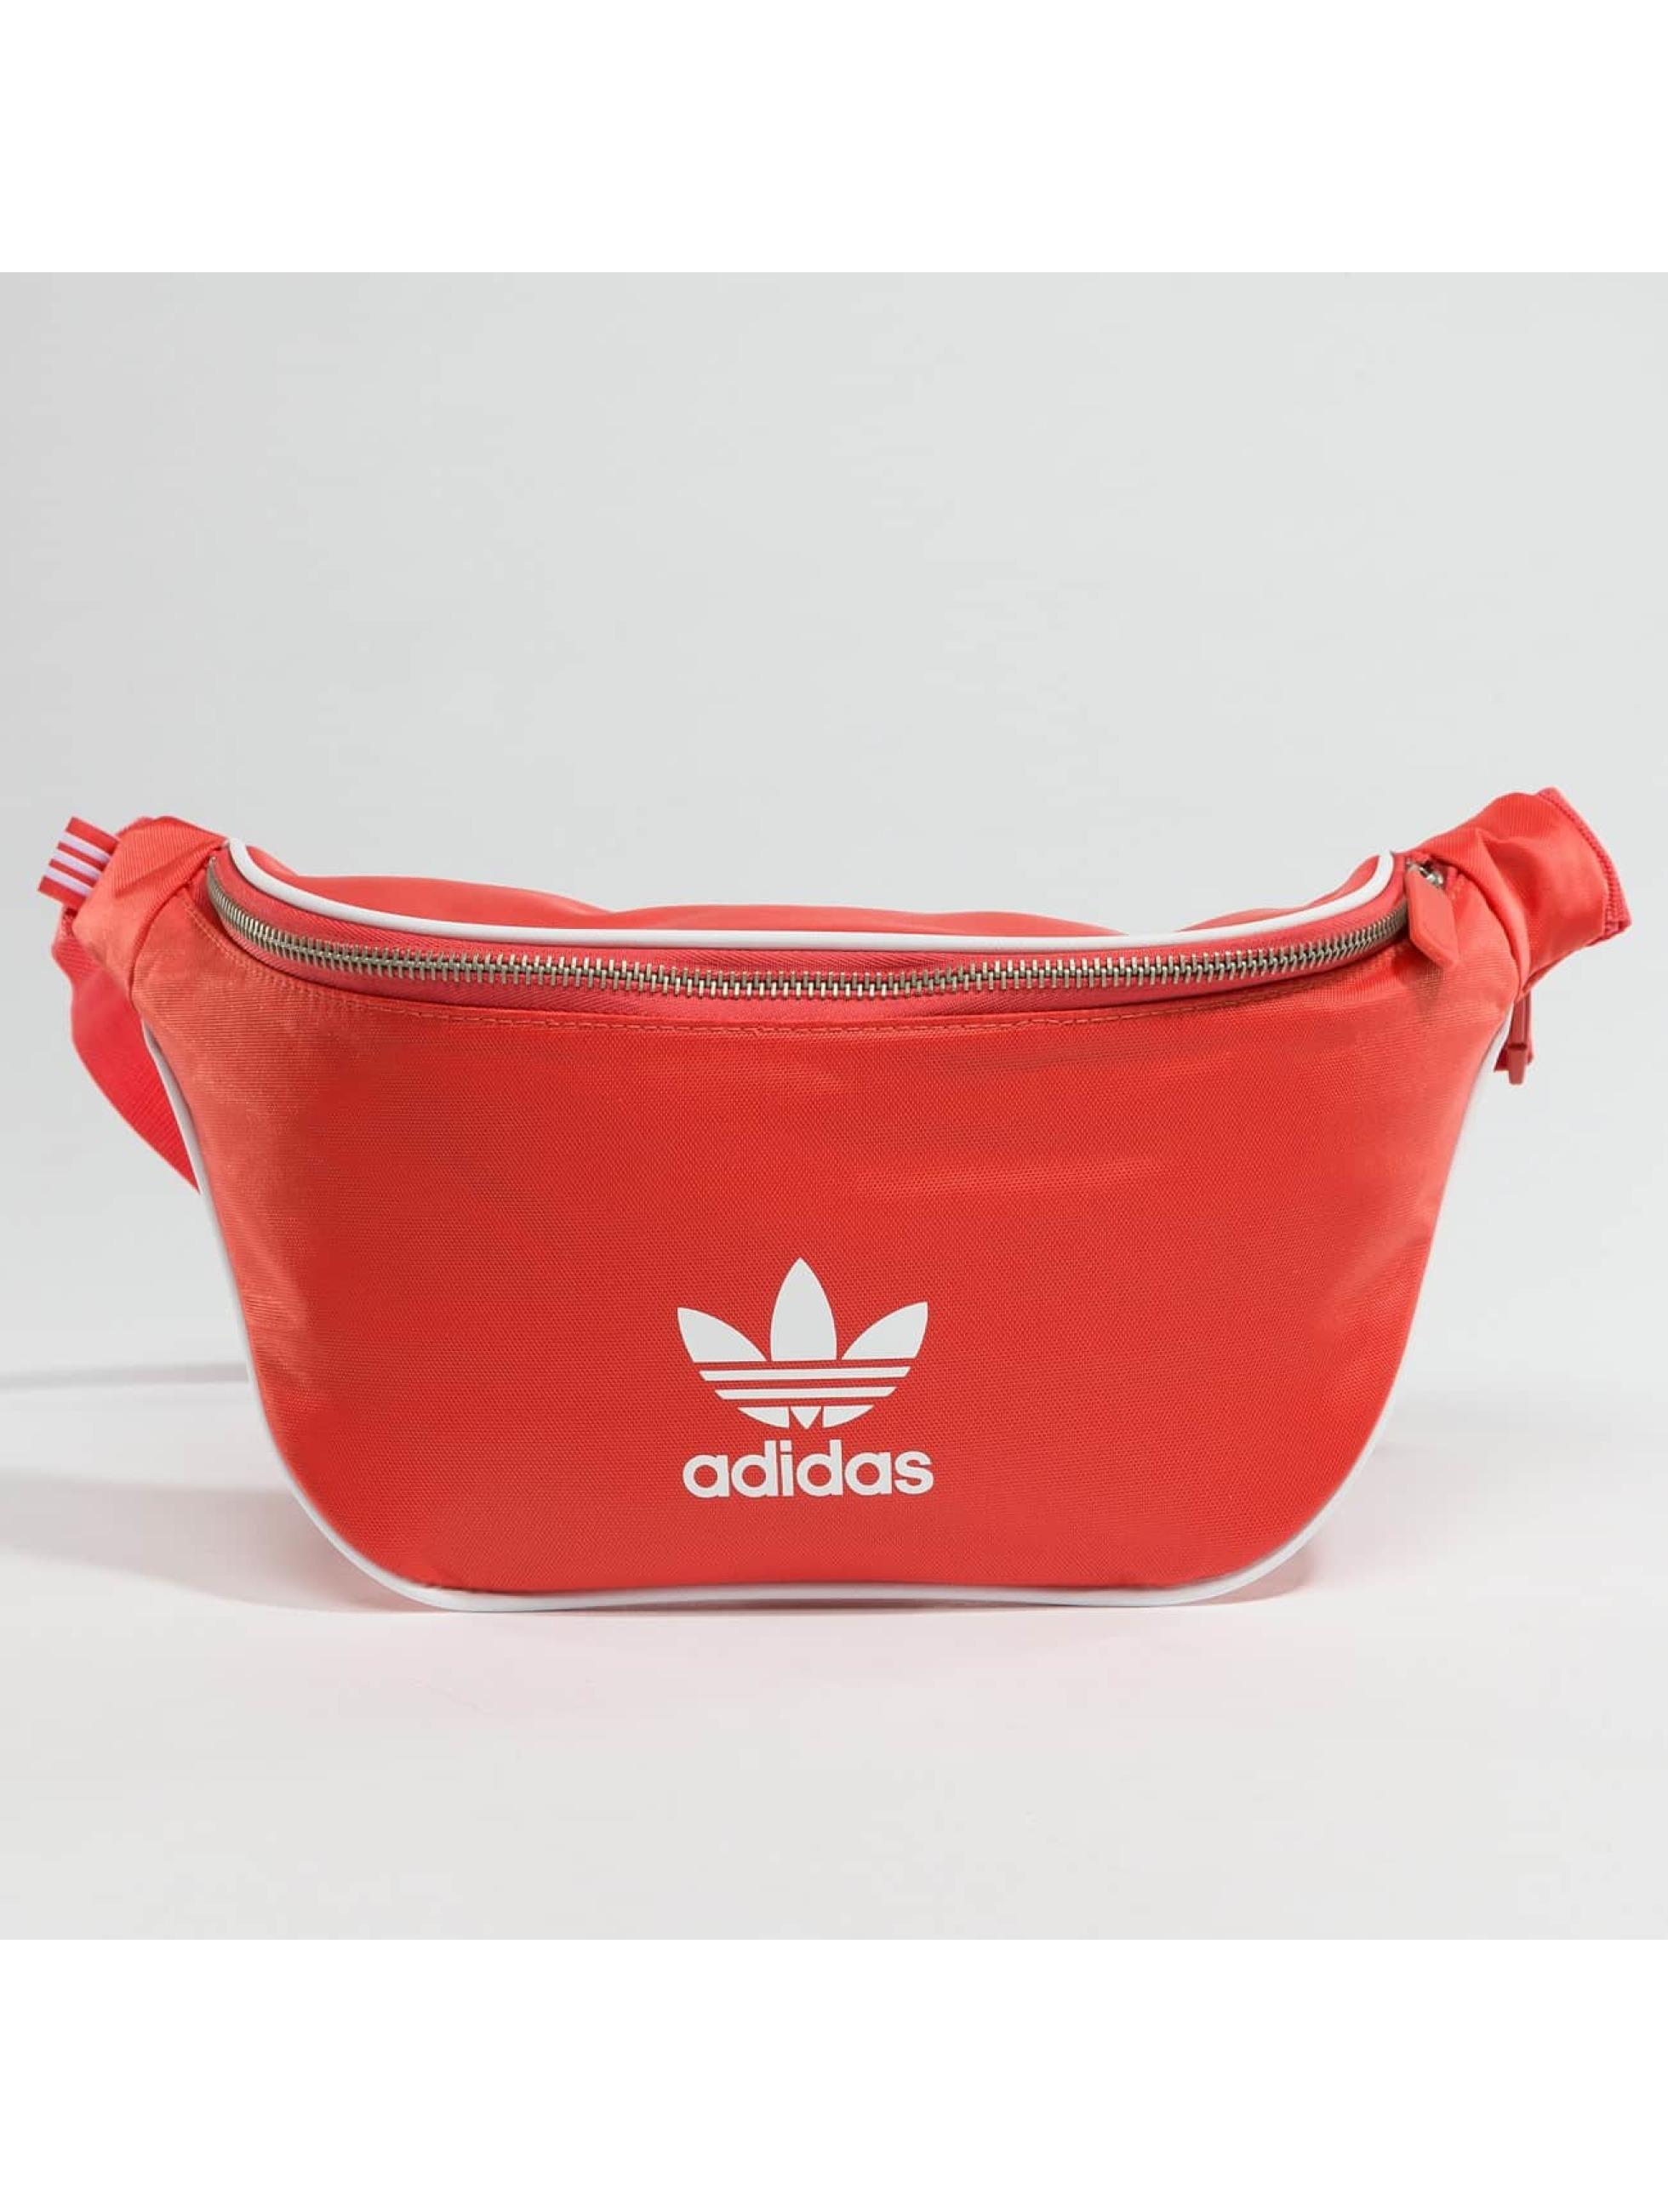 adidas Sac Basic rouge